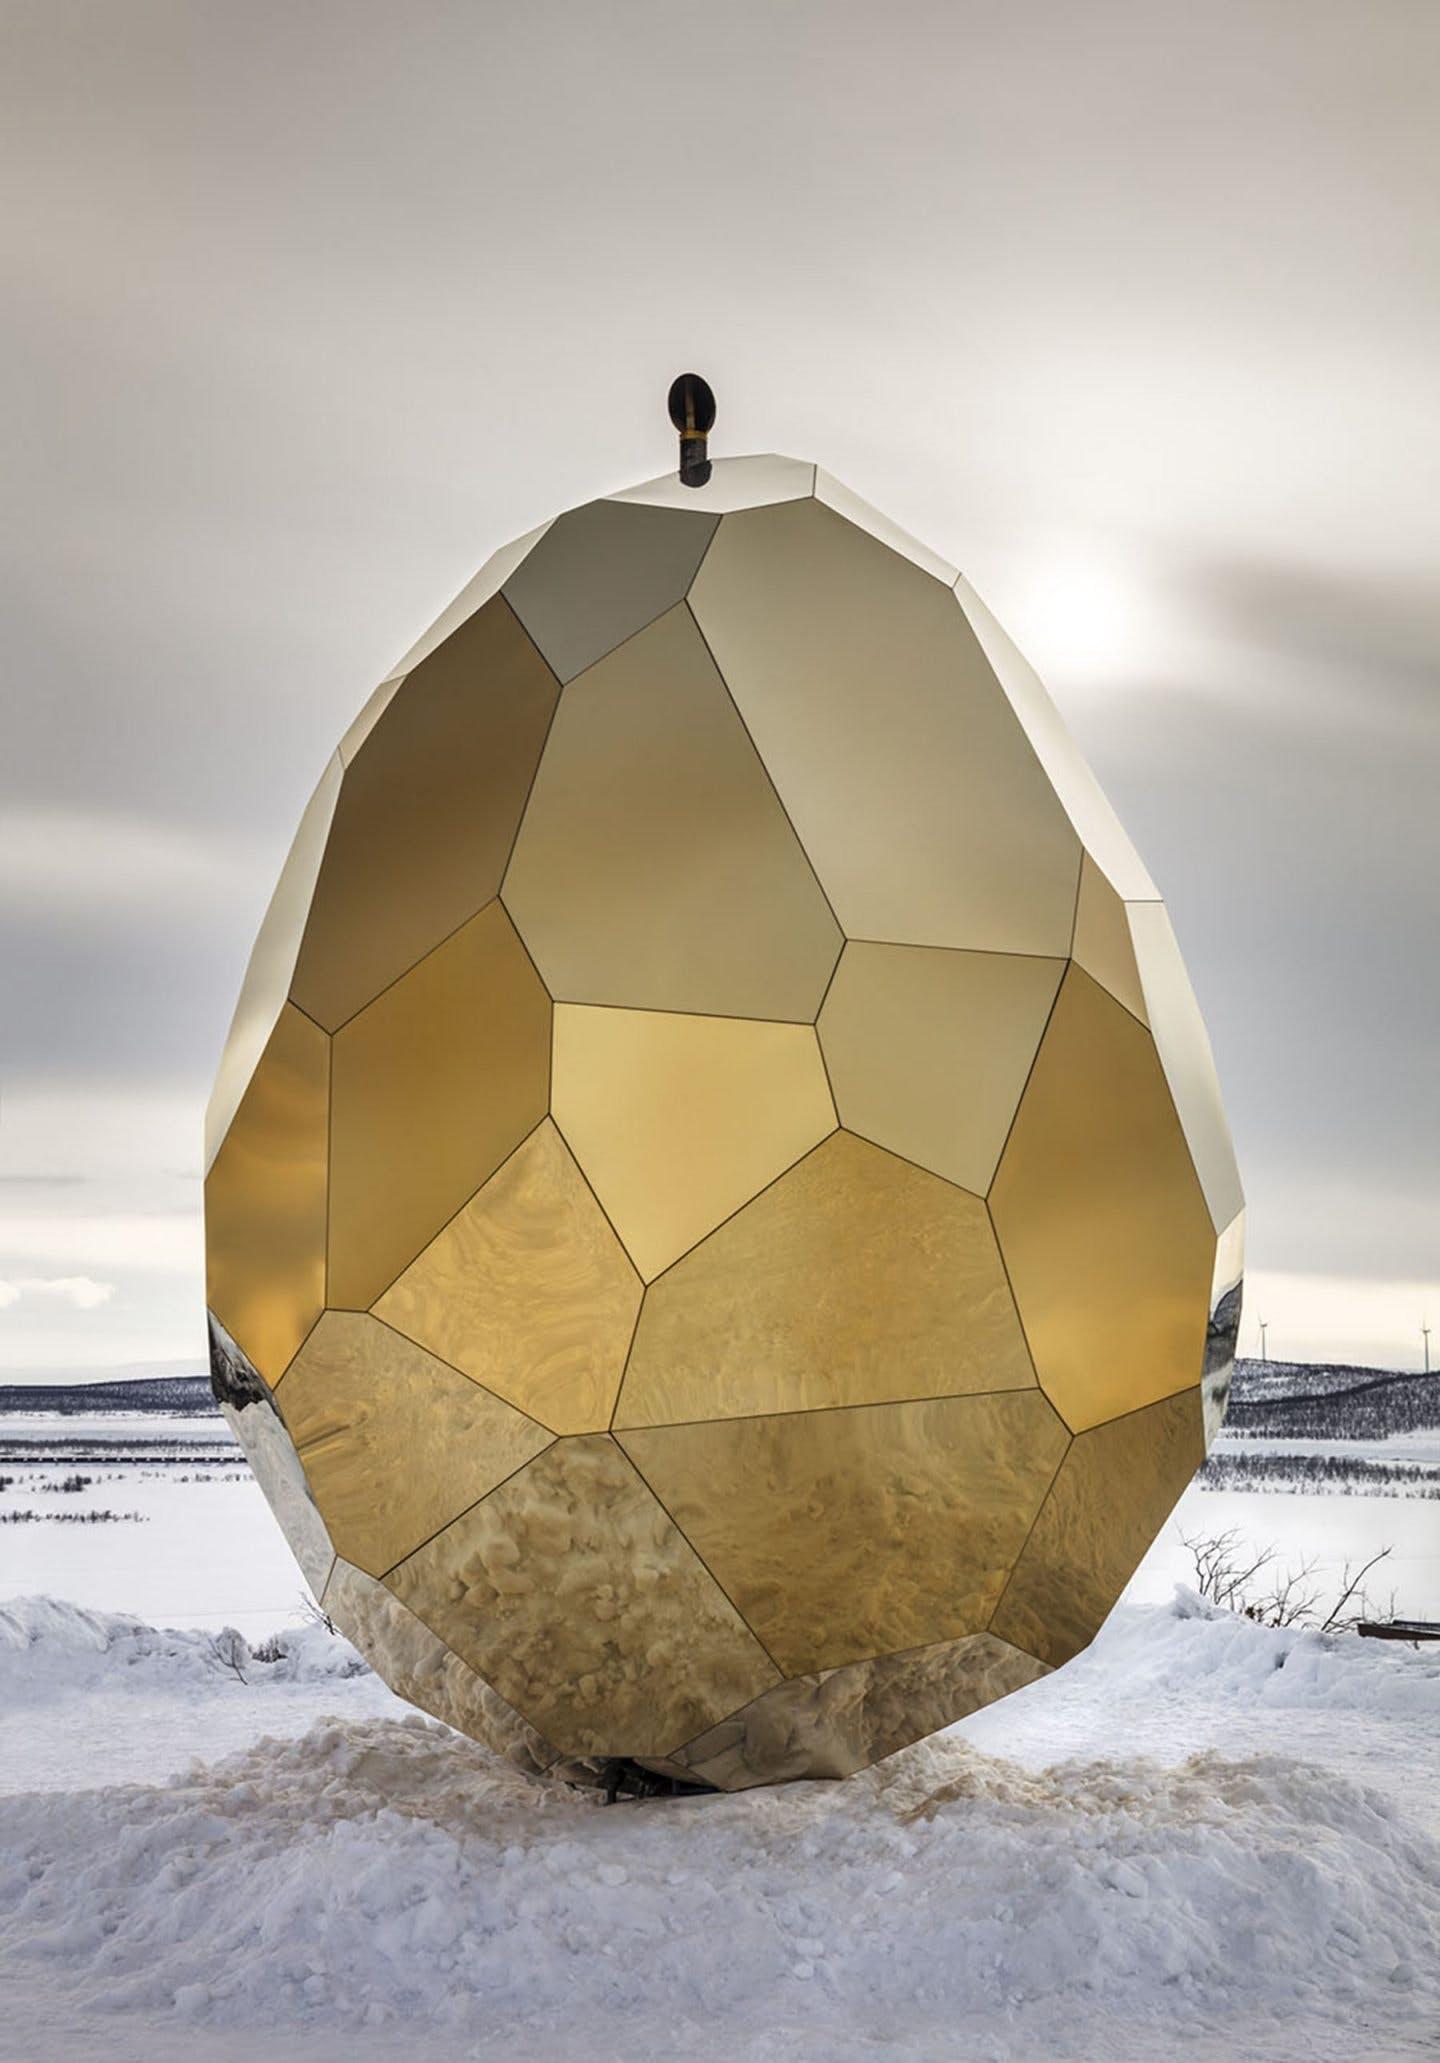 sauna kunst arkitektur guld sverige spejl